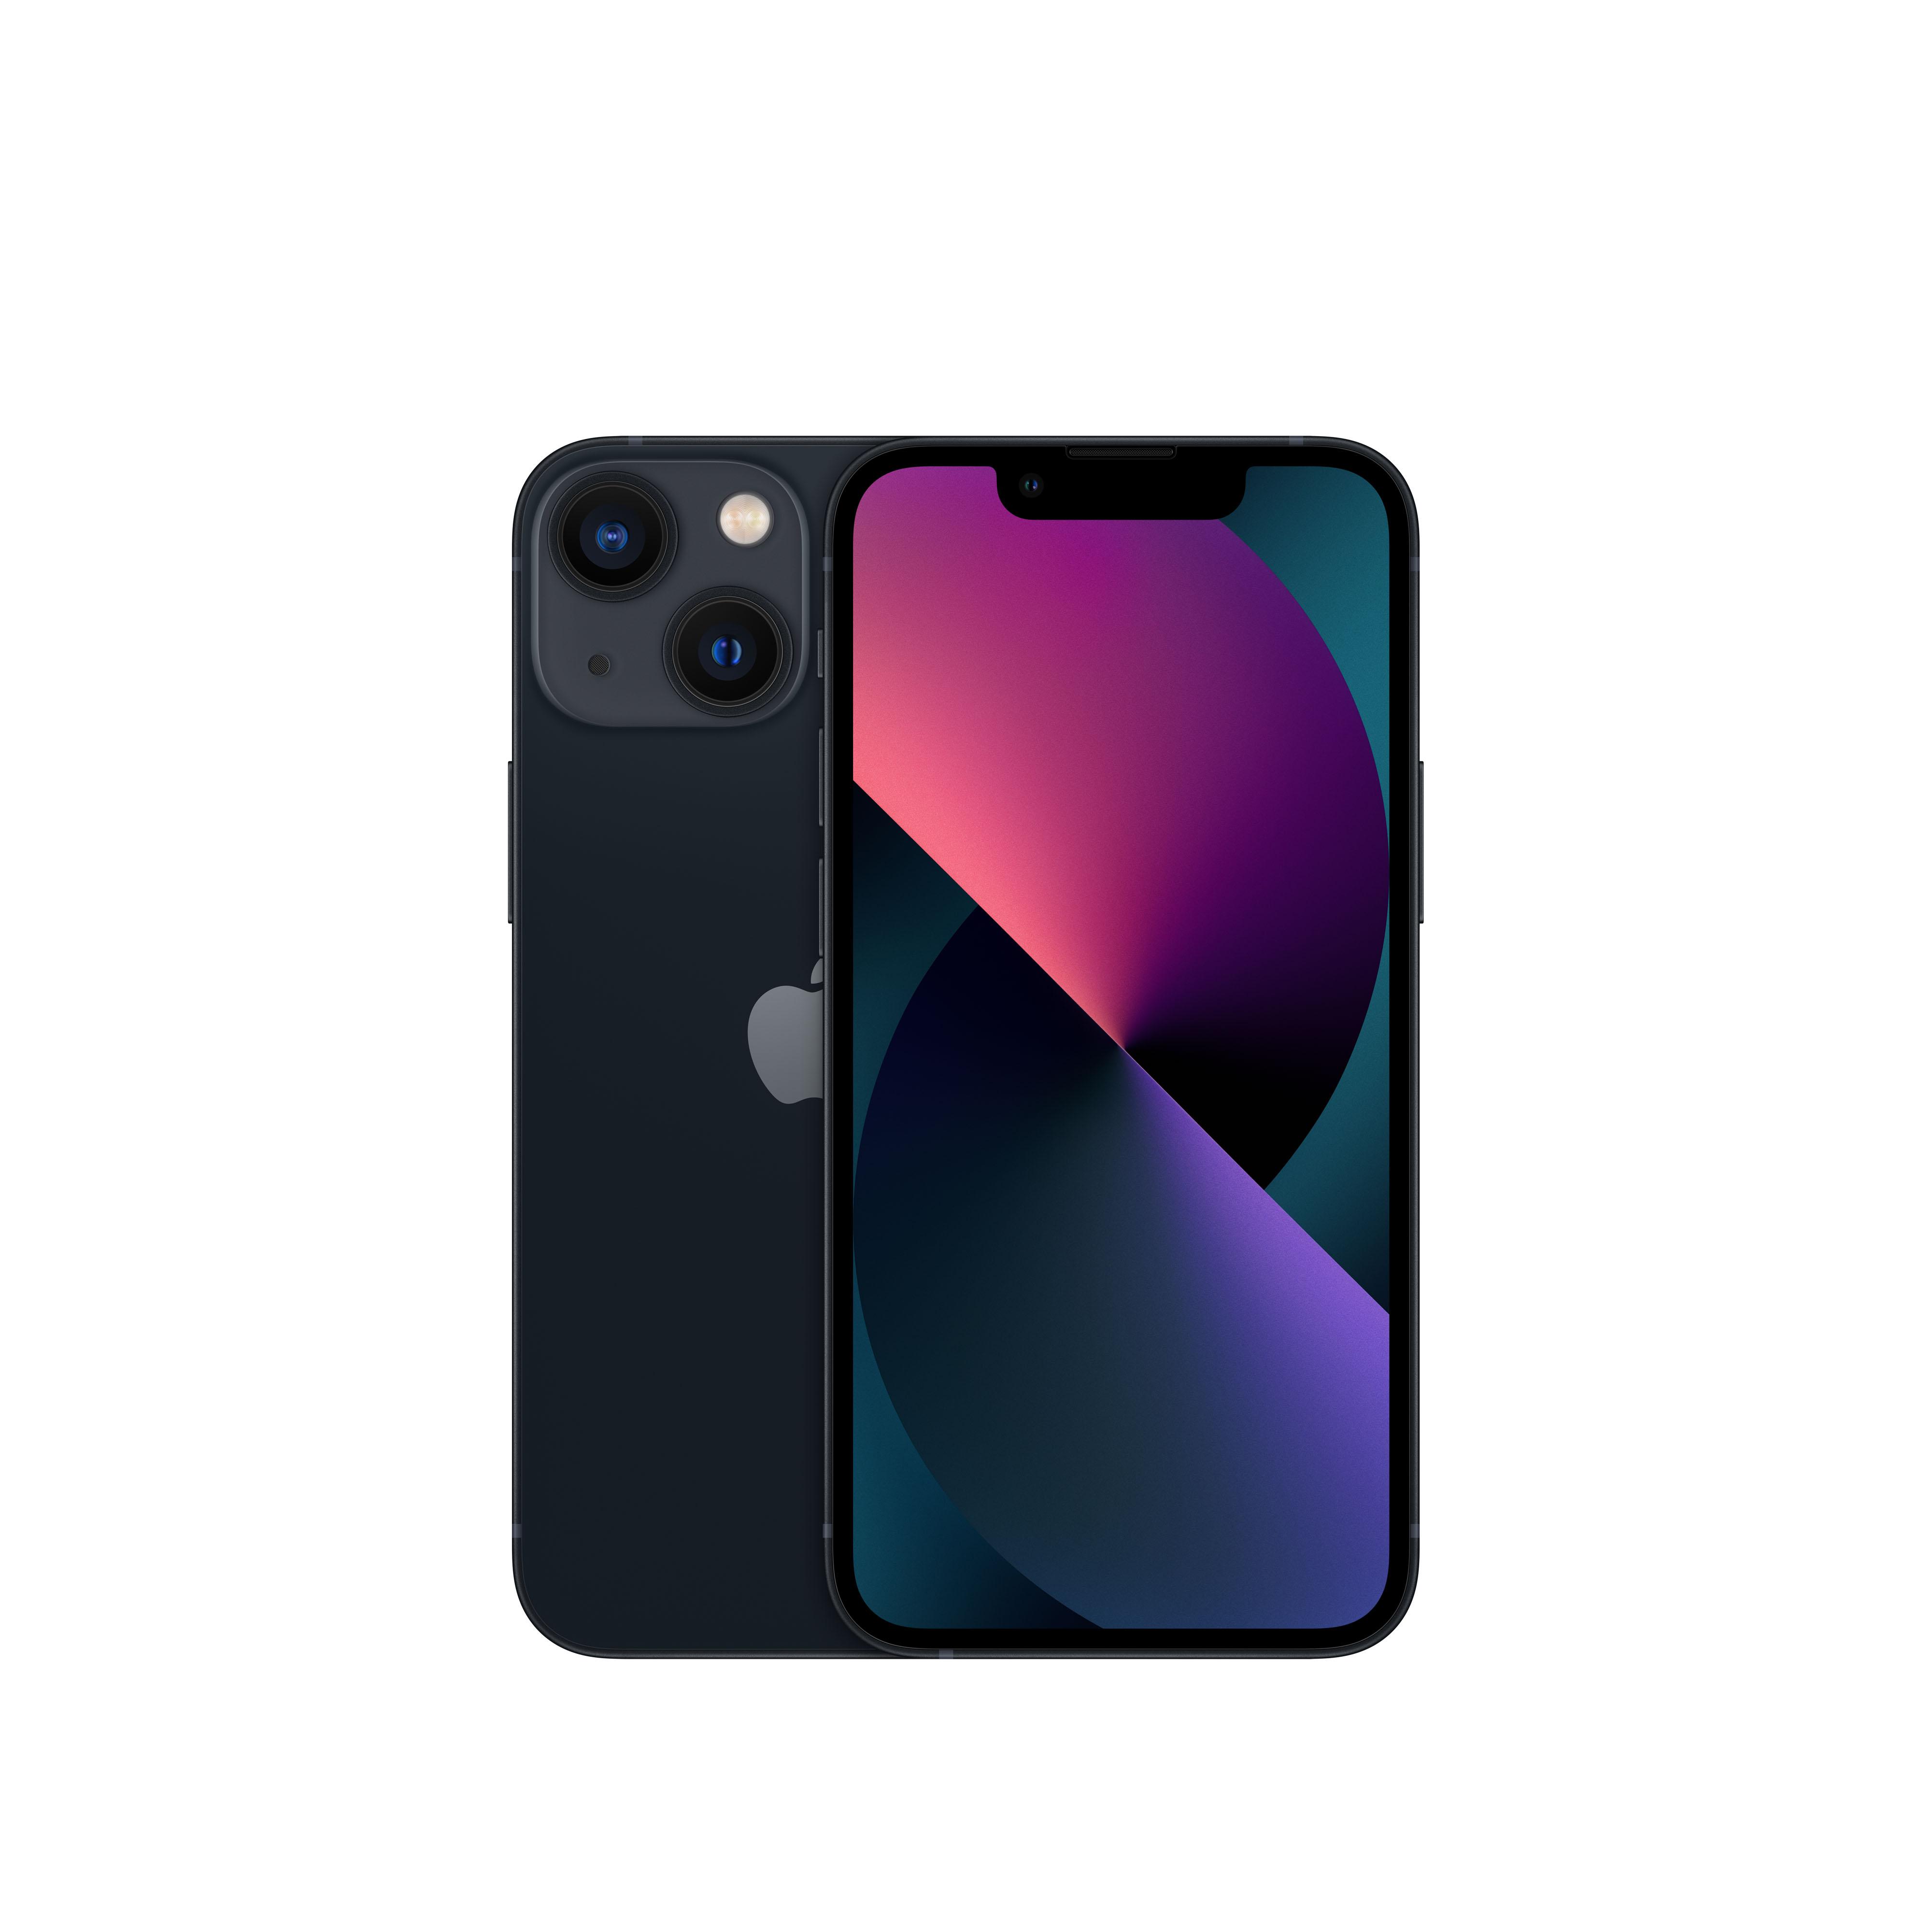 iPhone Vergleich Größe iPhone 13 Serie